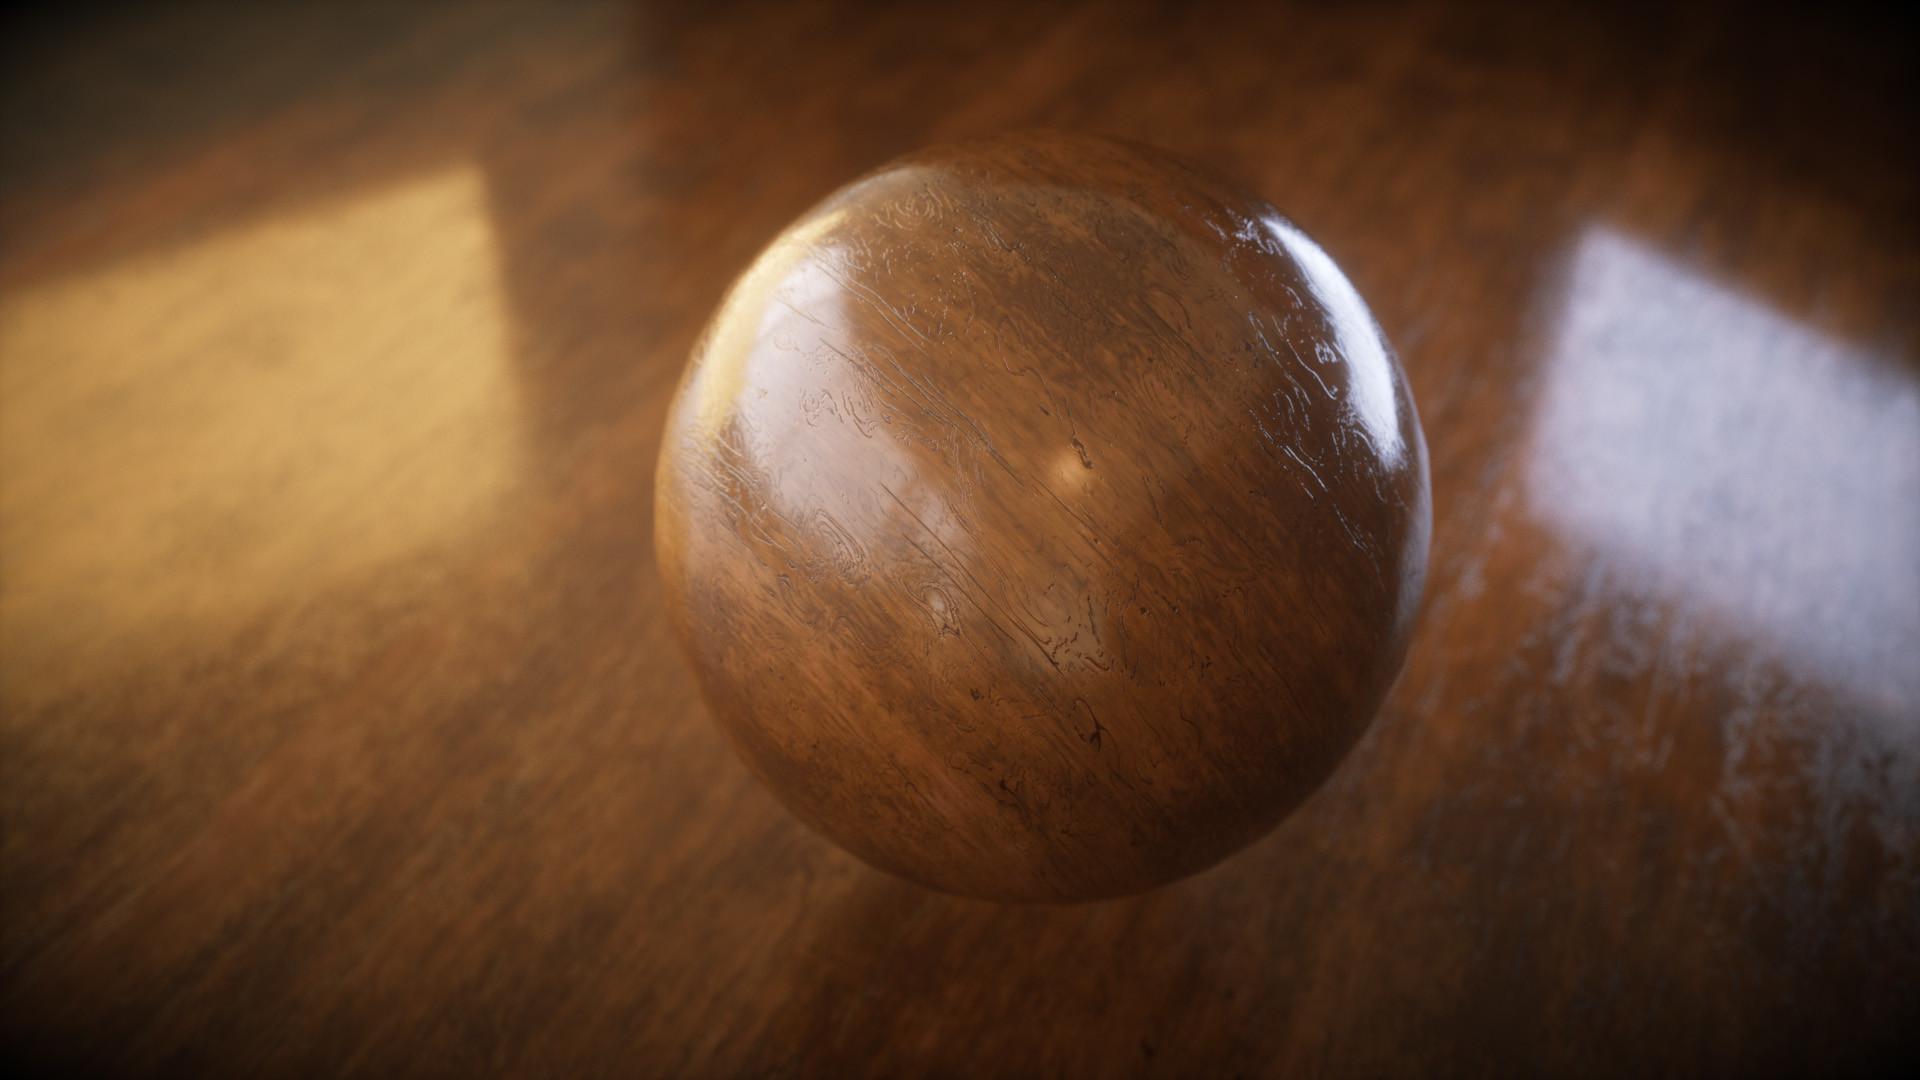 Krzysztof szrama plain wood